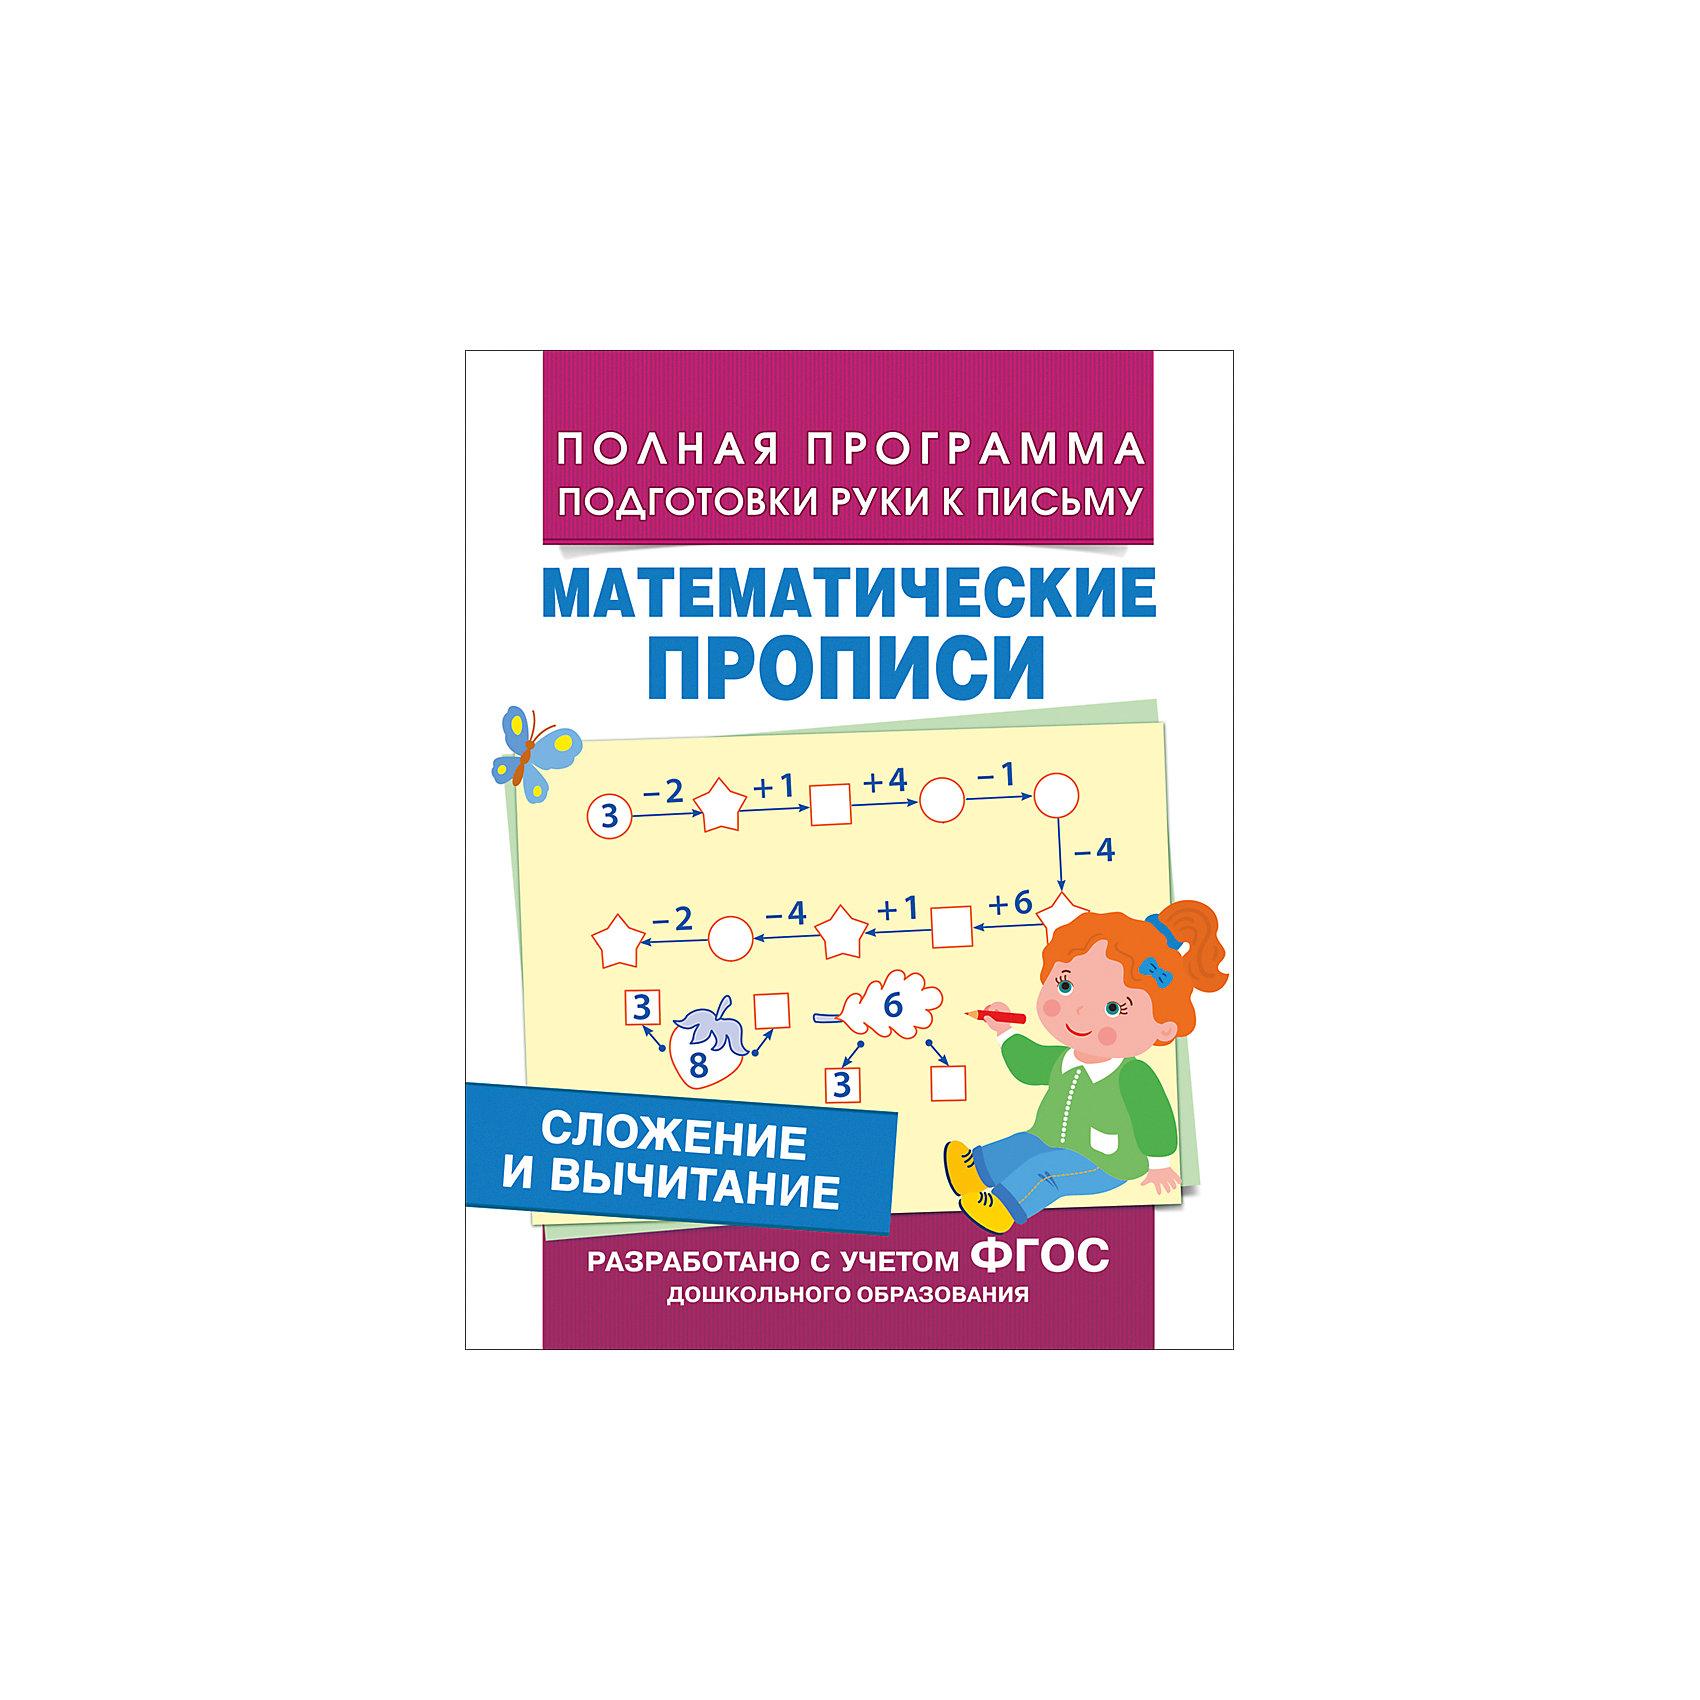 Математические прописи Сложение и вычитаниеХарактеристики товара:<br><br>- цвет: разноцветный;<br>- материал: бумага;<br>- страниц: 16;<br>- формат: 16 х 20 см;<br>- обложка: мягкая;<br>- развивающее издание.<br><br>Это проработанное развивающее издание станет отличным подарком для родителей и ребенка. Оно содержит в себе задания и упражнения, которые помогут ребенку подготовиться к школе. Простые интересные задания помогут привить любовь к учебе!<br>Выполнение таких заданий помогает ребенку развивать мелкую моторику, зрительную память, концентрацию внимания и воображение. Издание произведено из качественных материалов, которые безопасны даже для самых маленьких.<br><br>Издание Математические прописи Сложение и вычитание от компании Росмэн можно купить в нашем интернет-магазине.<br><br>Ширина мм: 205<br>Глубина мм: 160<br>Высота мм: 1<br>Вес г: 286<br>Возраст от месяцев: 60<br>Возраст до месяцев: 84<br>Пол: Унисекс<br>Возраст: Детский<br>SKU: 5110186